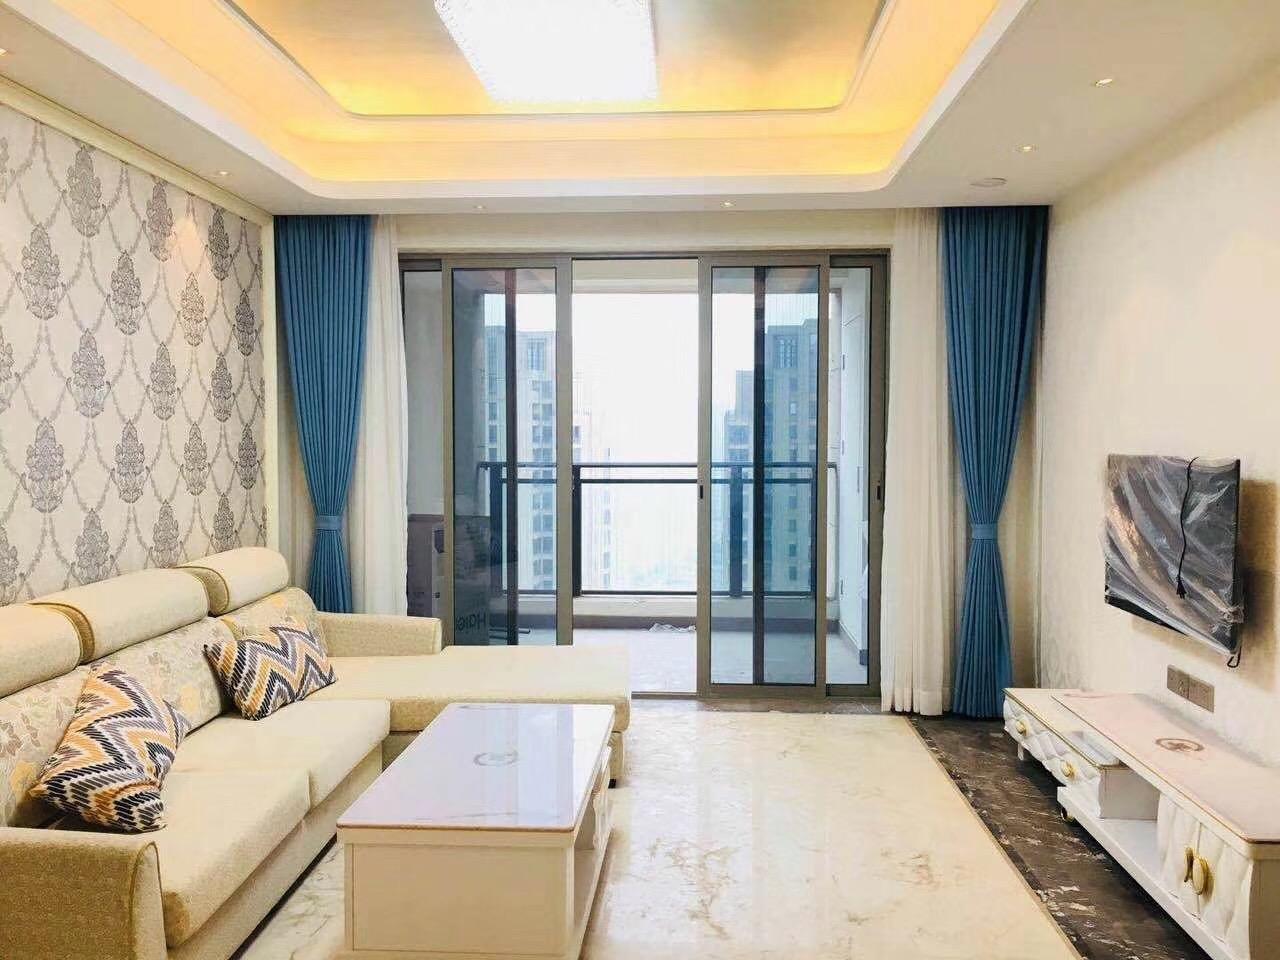 长沙100平米三房两厅北欧简约风格客厅装修效果图